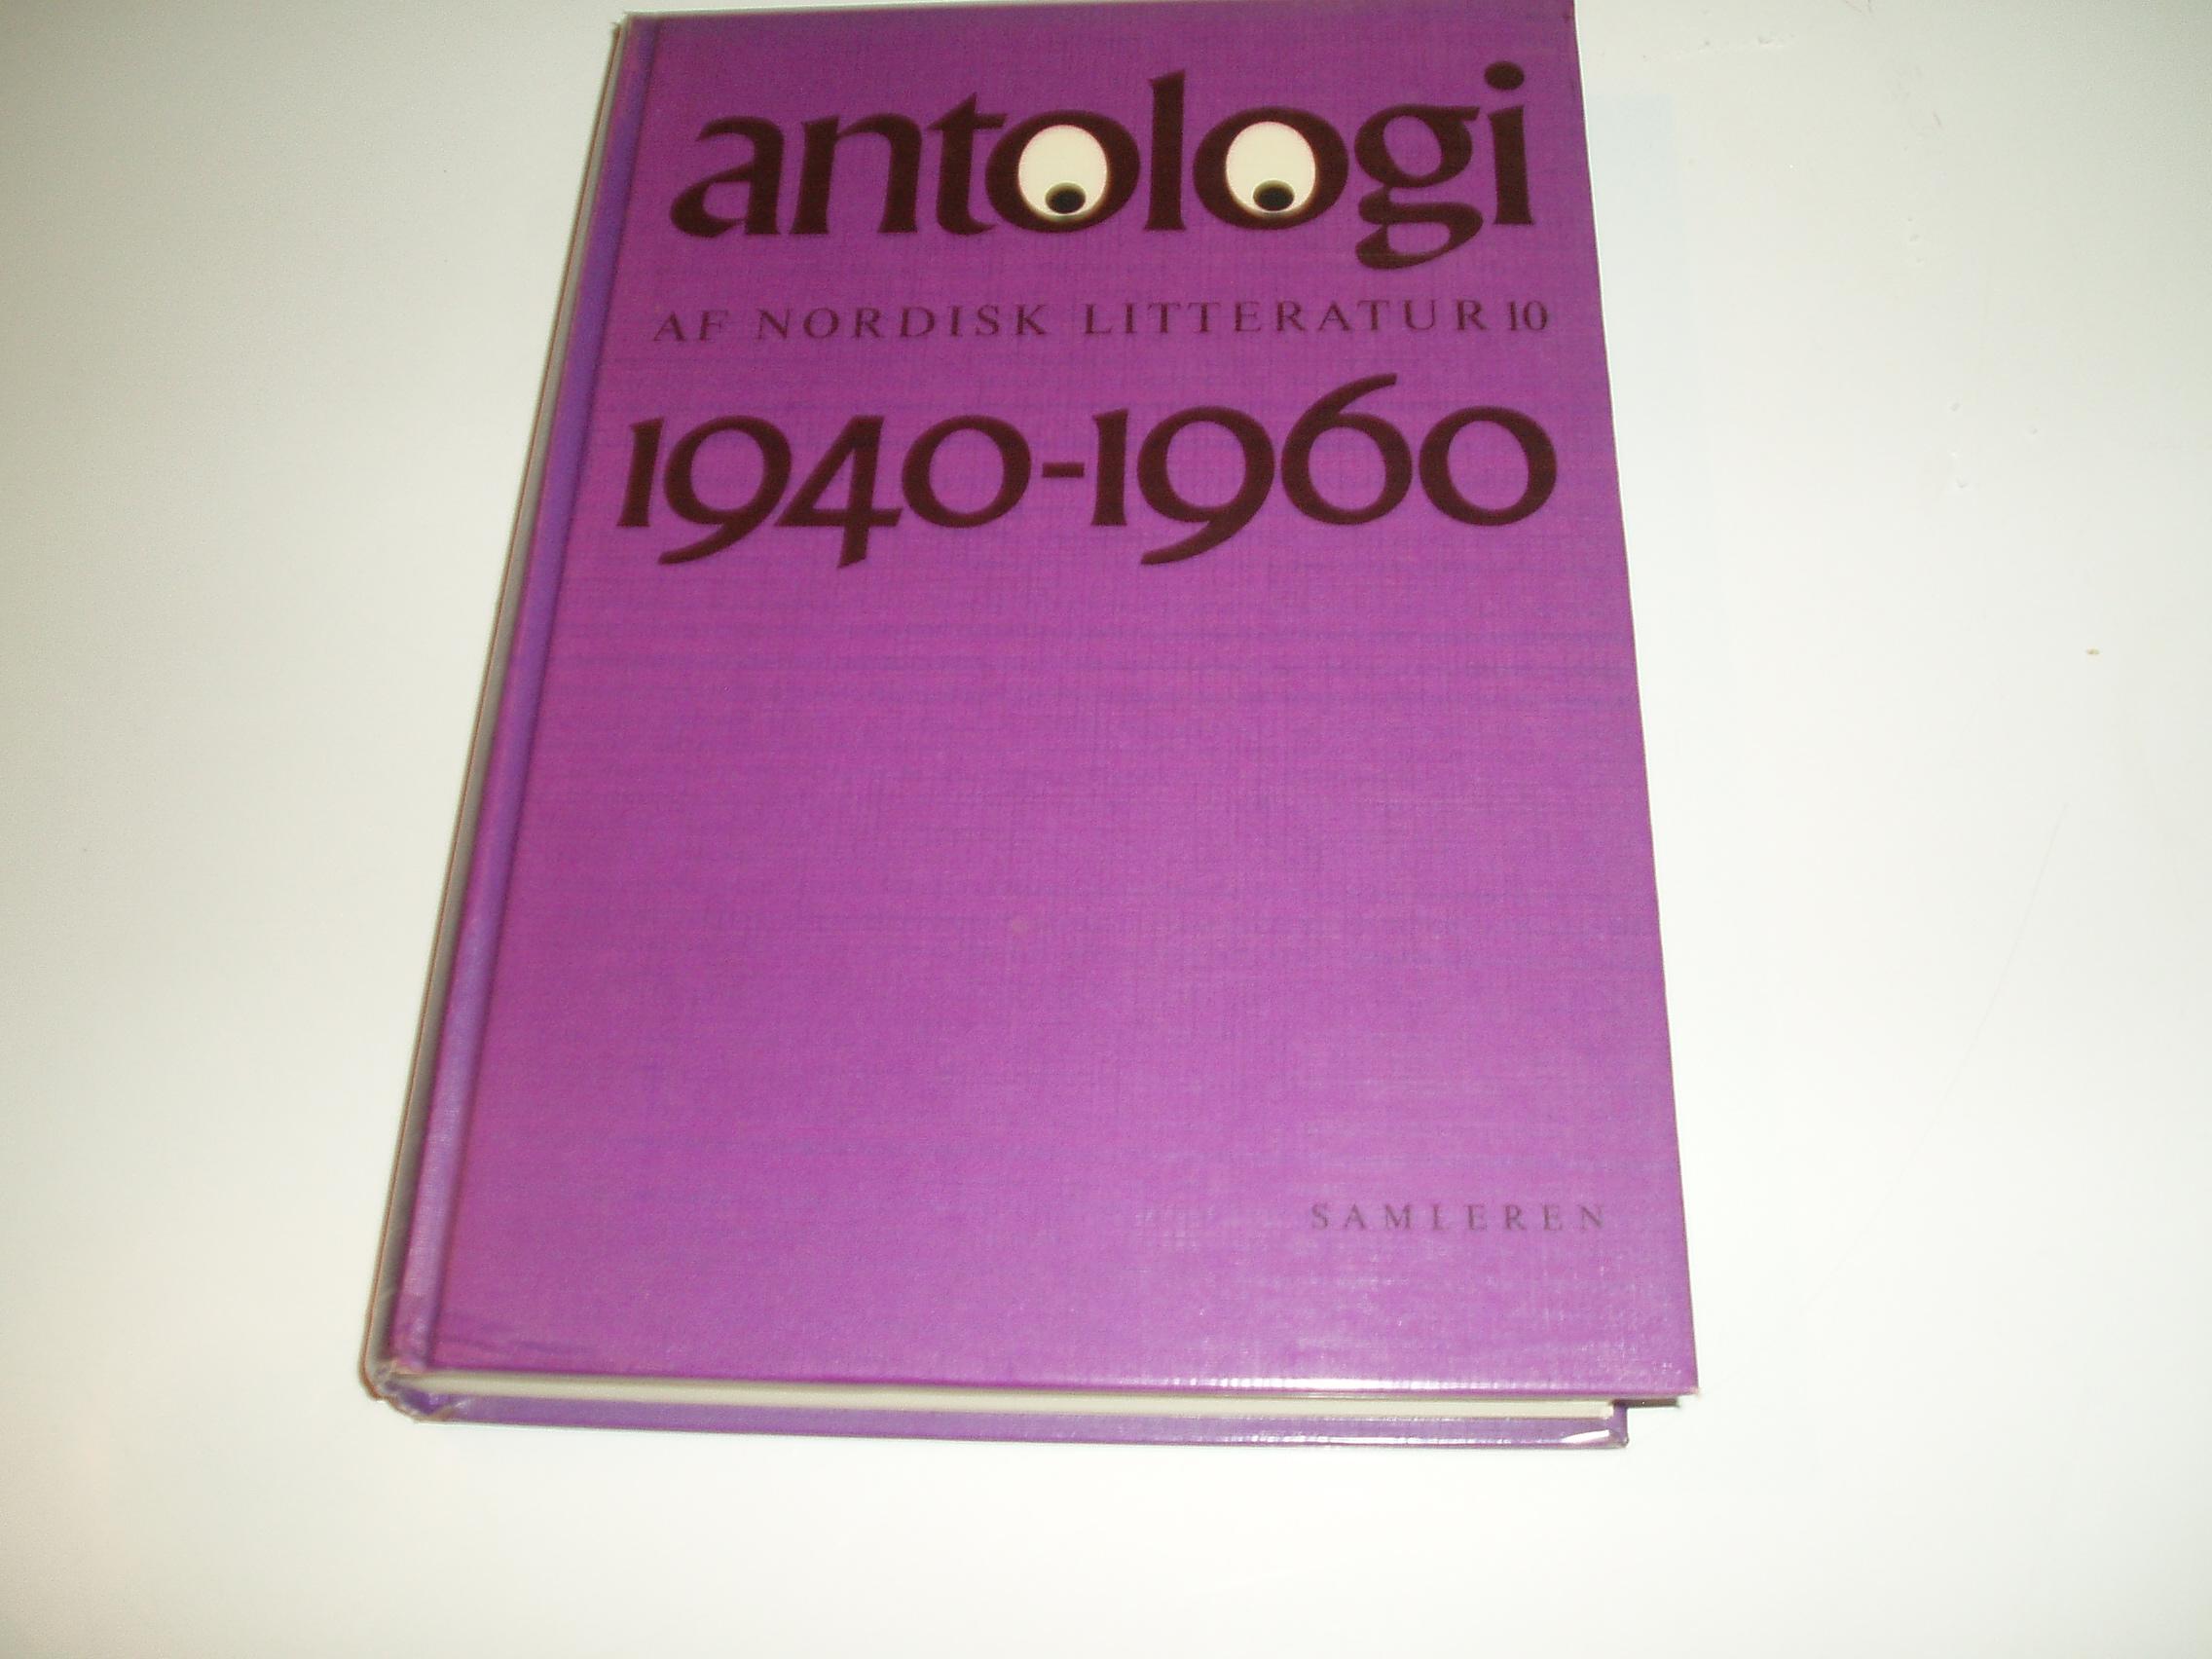 Antologi af nordisk litteratur, bind 10. Perioden 1940-1960